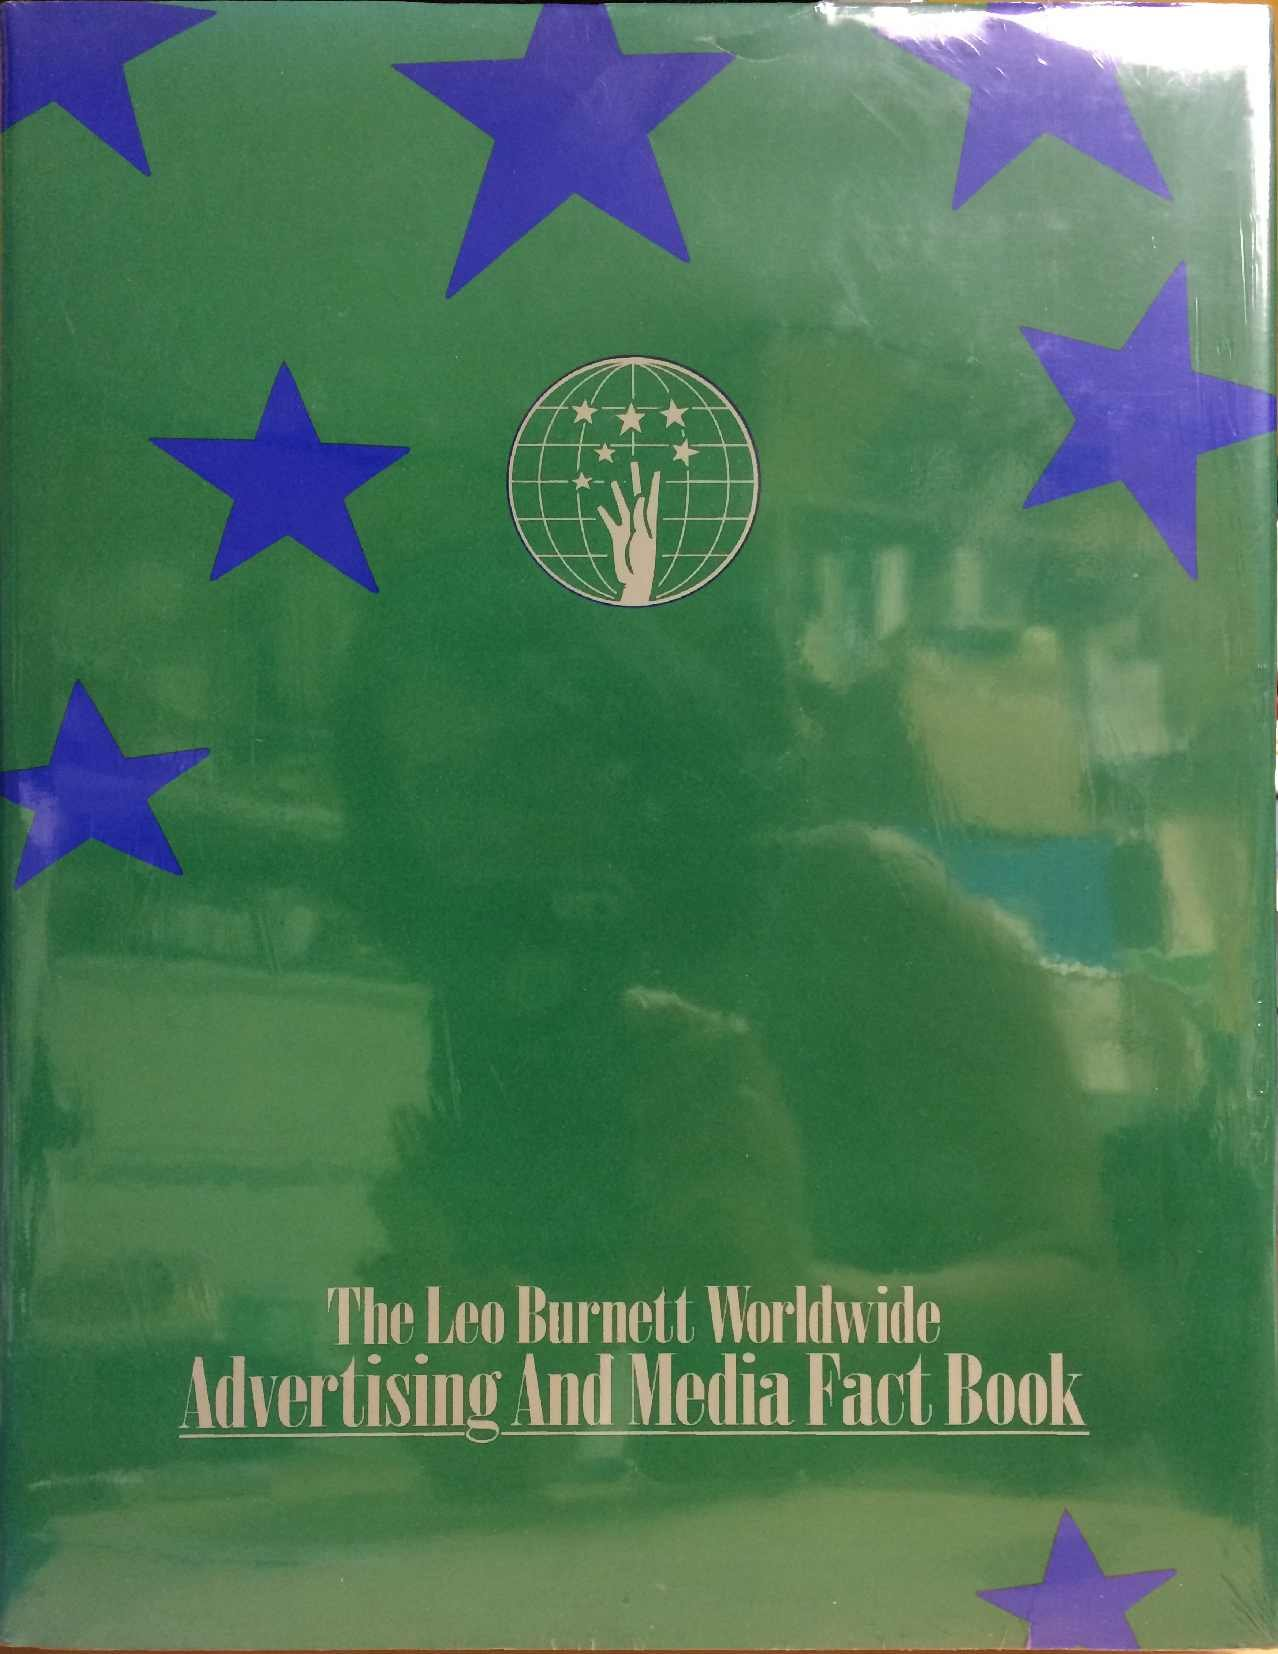 The Leo Burnett Worldwide Advertising and Media Fact Book